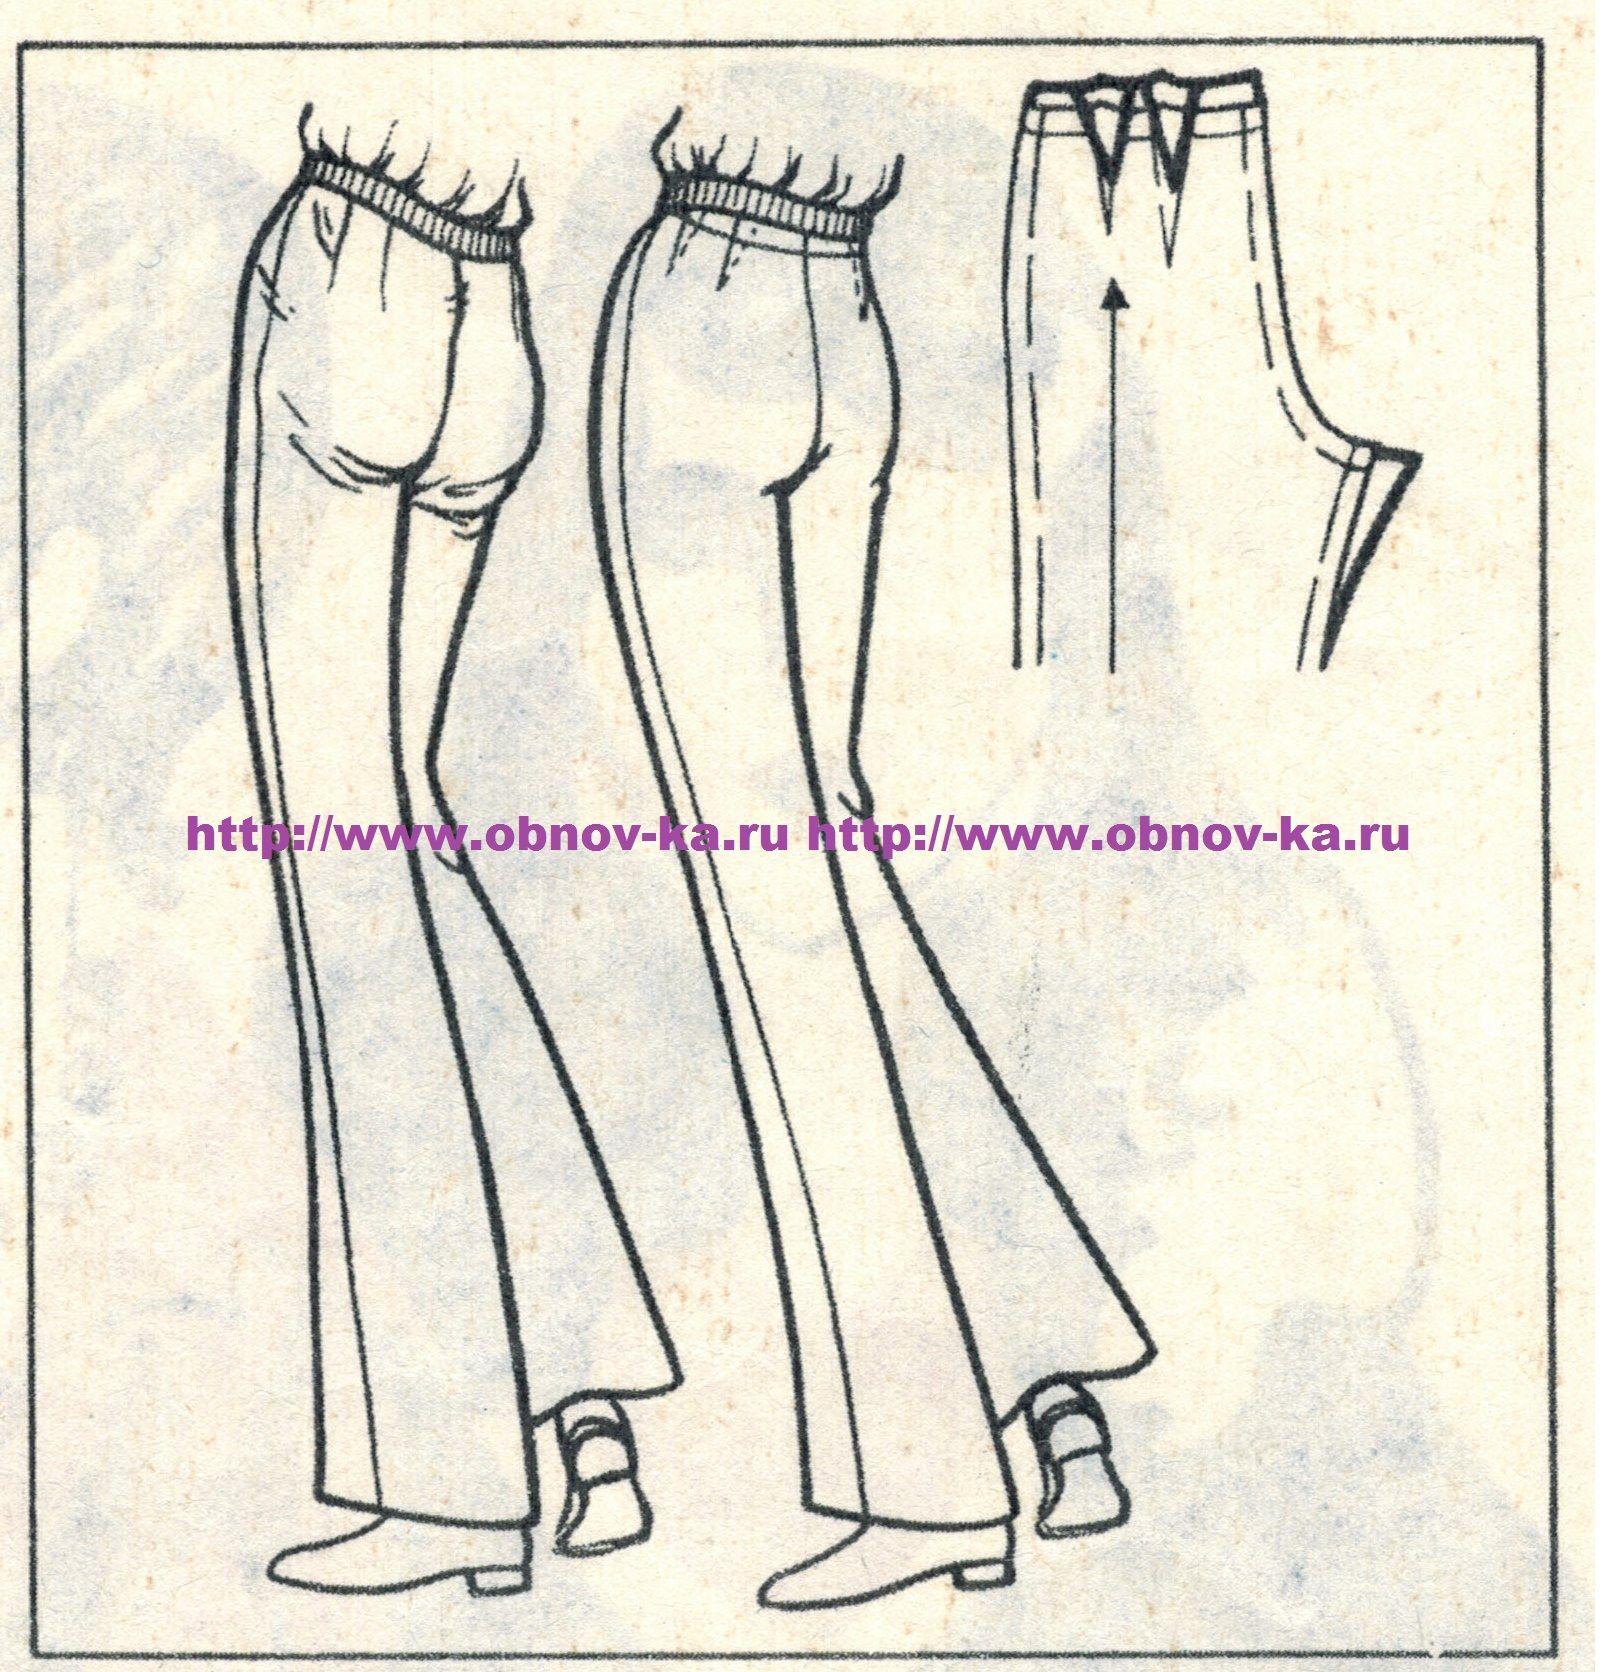 Примерка брюк 1 | sewing | Pinterest